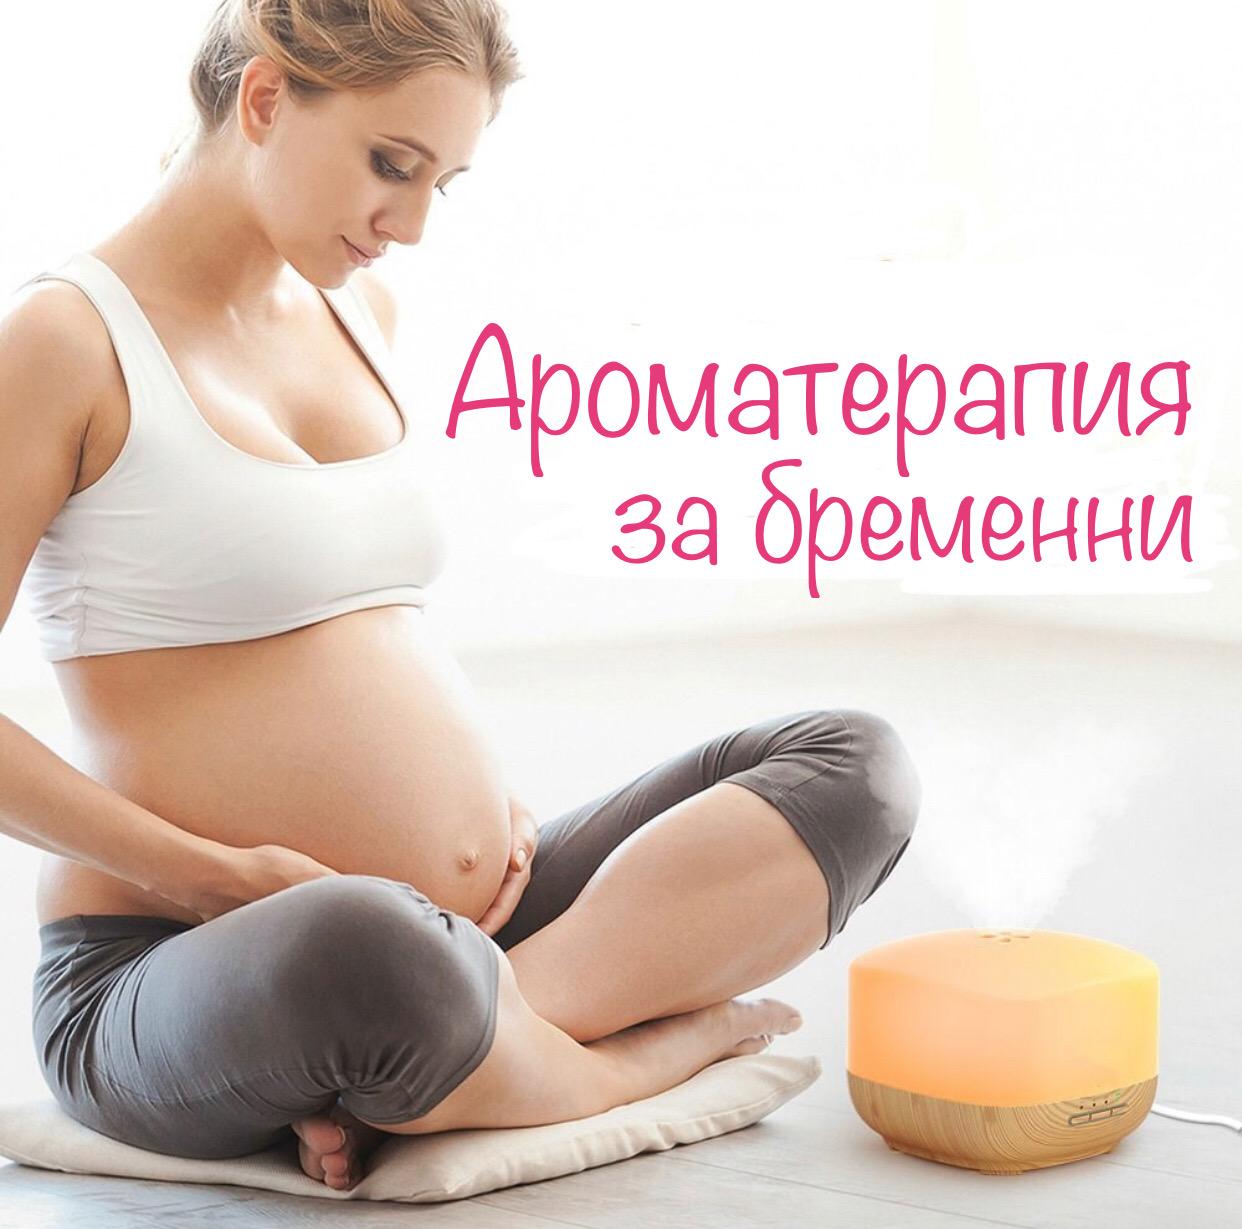 Ароматерапия за бременни